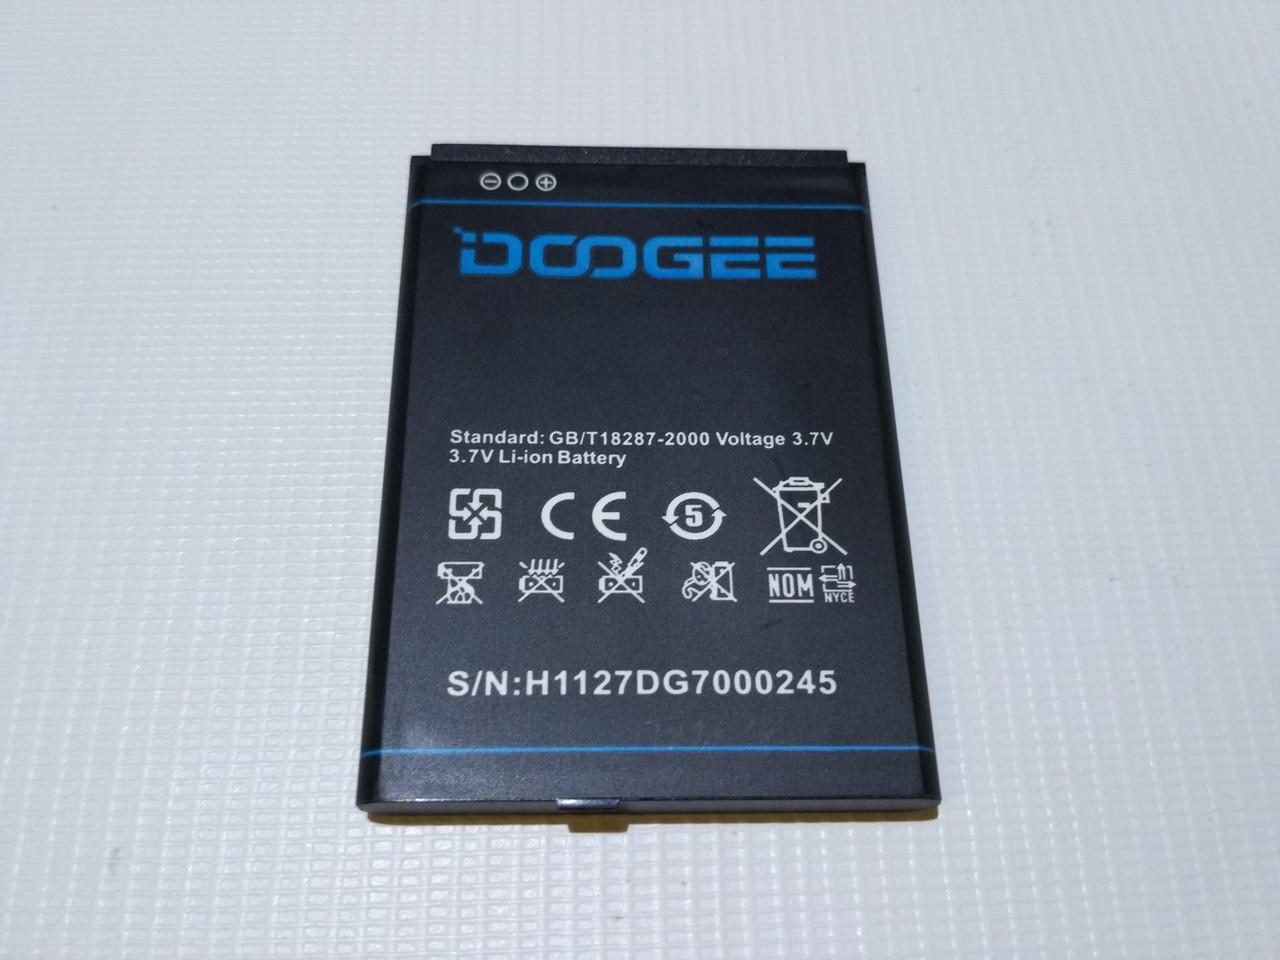 Оригинальная батарея аккумулятор для Doogee Titans 2 DG700